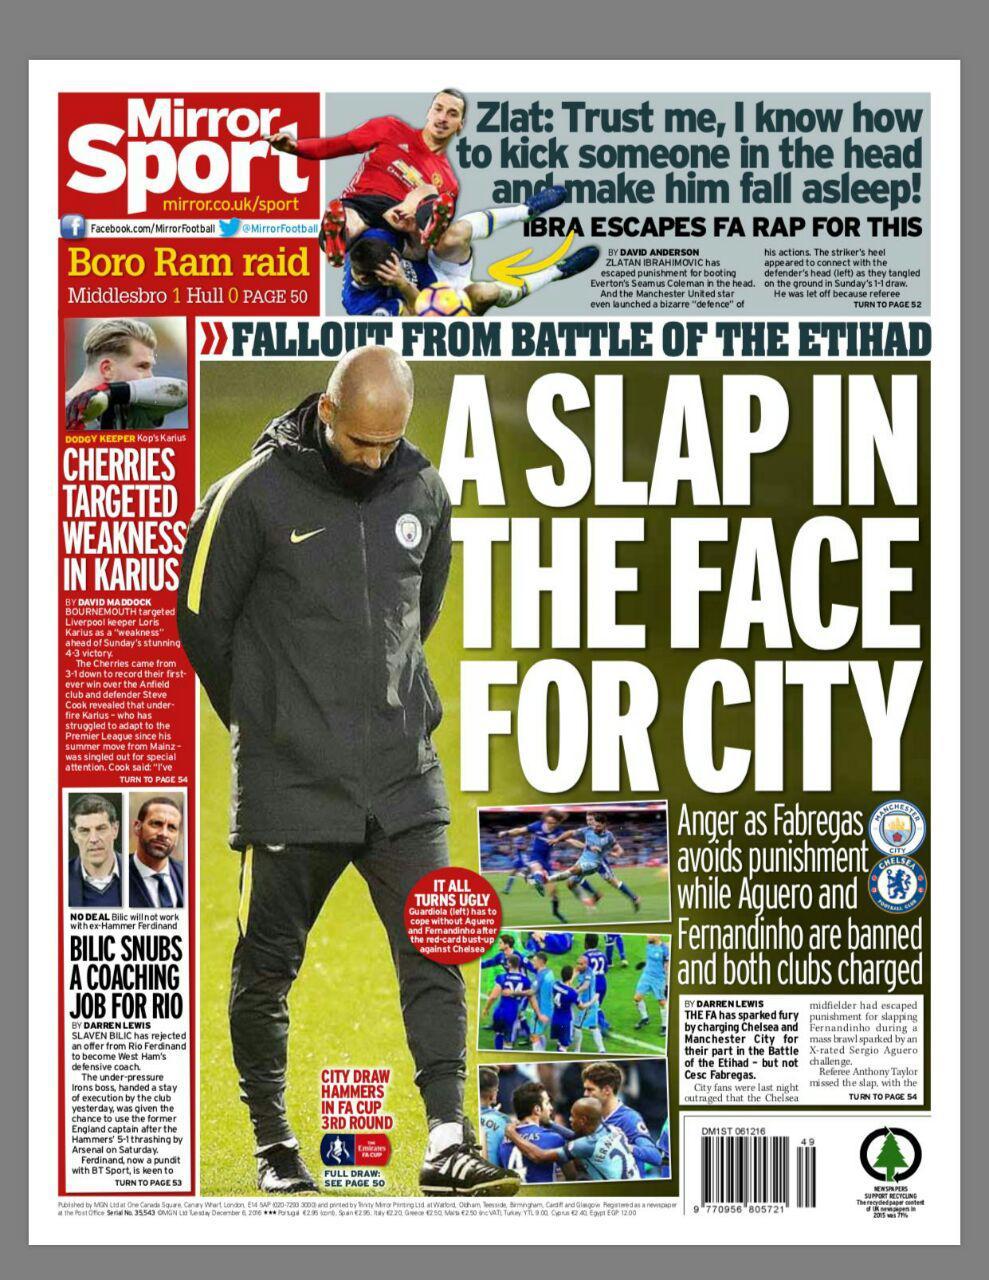 اتحادیه فوتبال انگلیس سیتیزن ها و دو ستاره شان را تقره داغ کردند / باز شدن پای افراد معروف به قضیه سوء استفاده از بازیکنان جوان